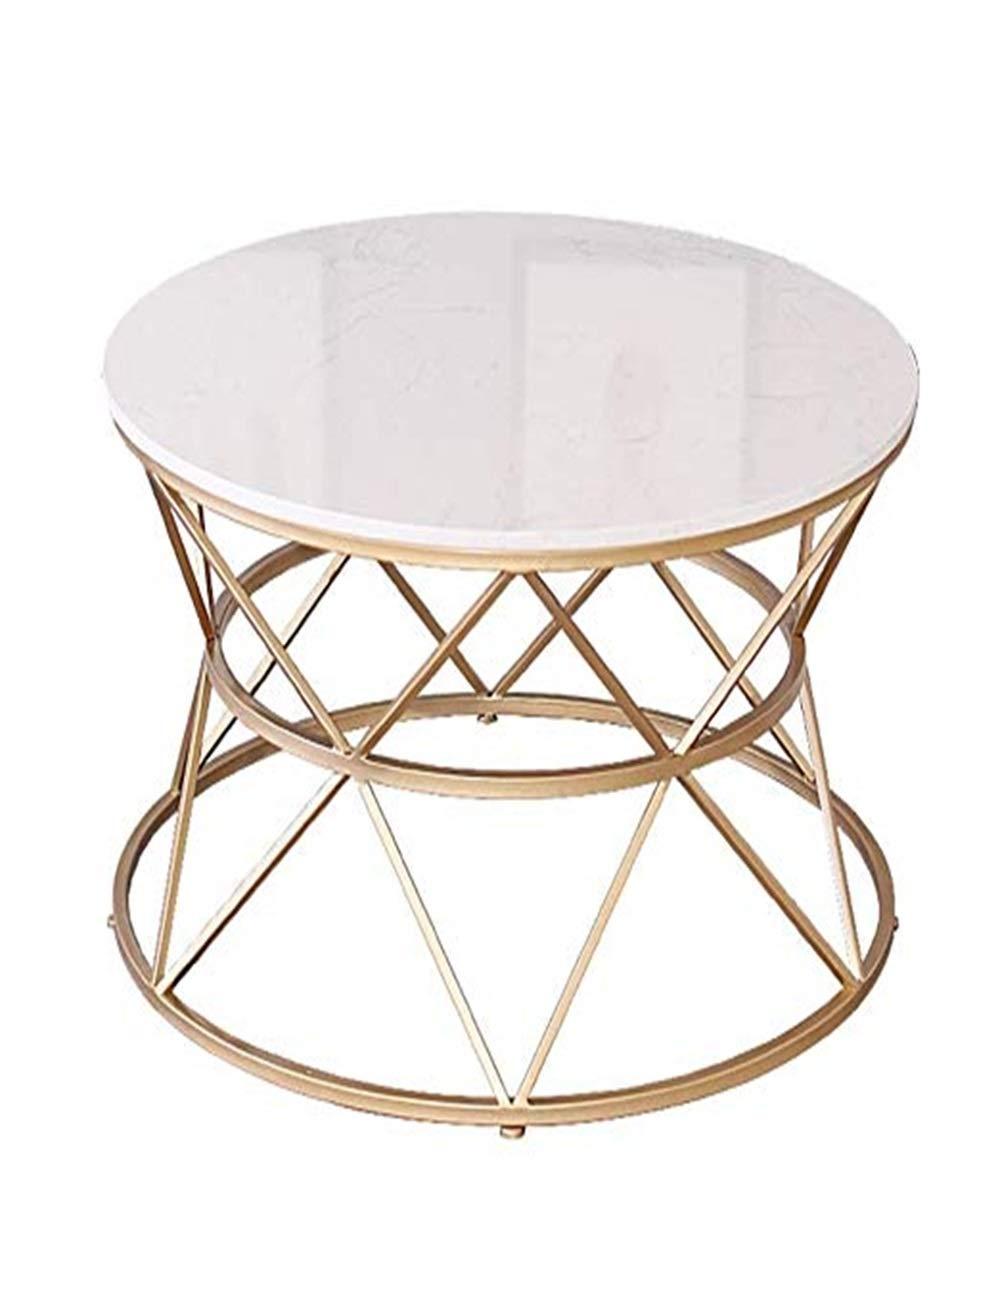 シンプルなコーヒーテーブル、白い大理石のカウンタートップ、金属鉄のデザインホテル、ダイニングルーム、家具ルーム、ラウンド B07QD4F16K